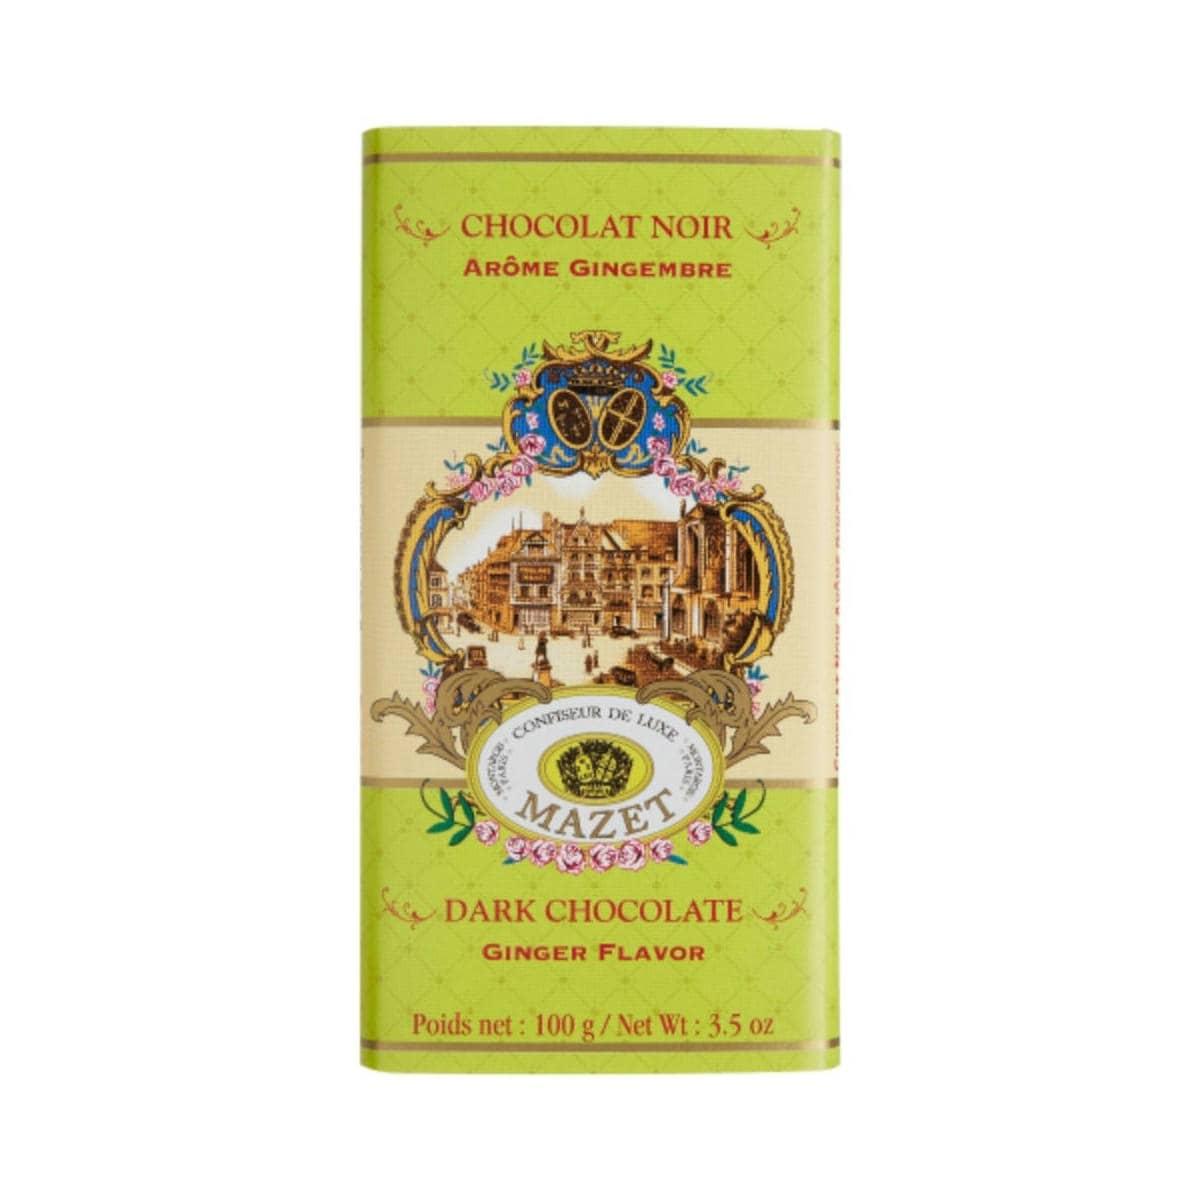 Mazet Confiseur Dark Chocolate Ginger | Restoration Yard